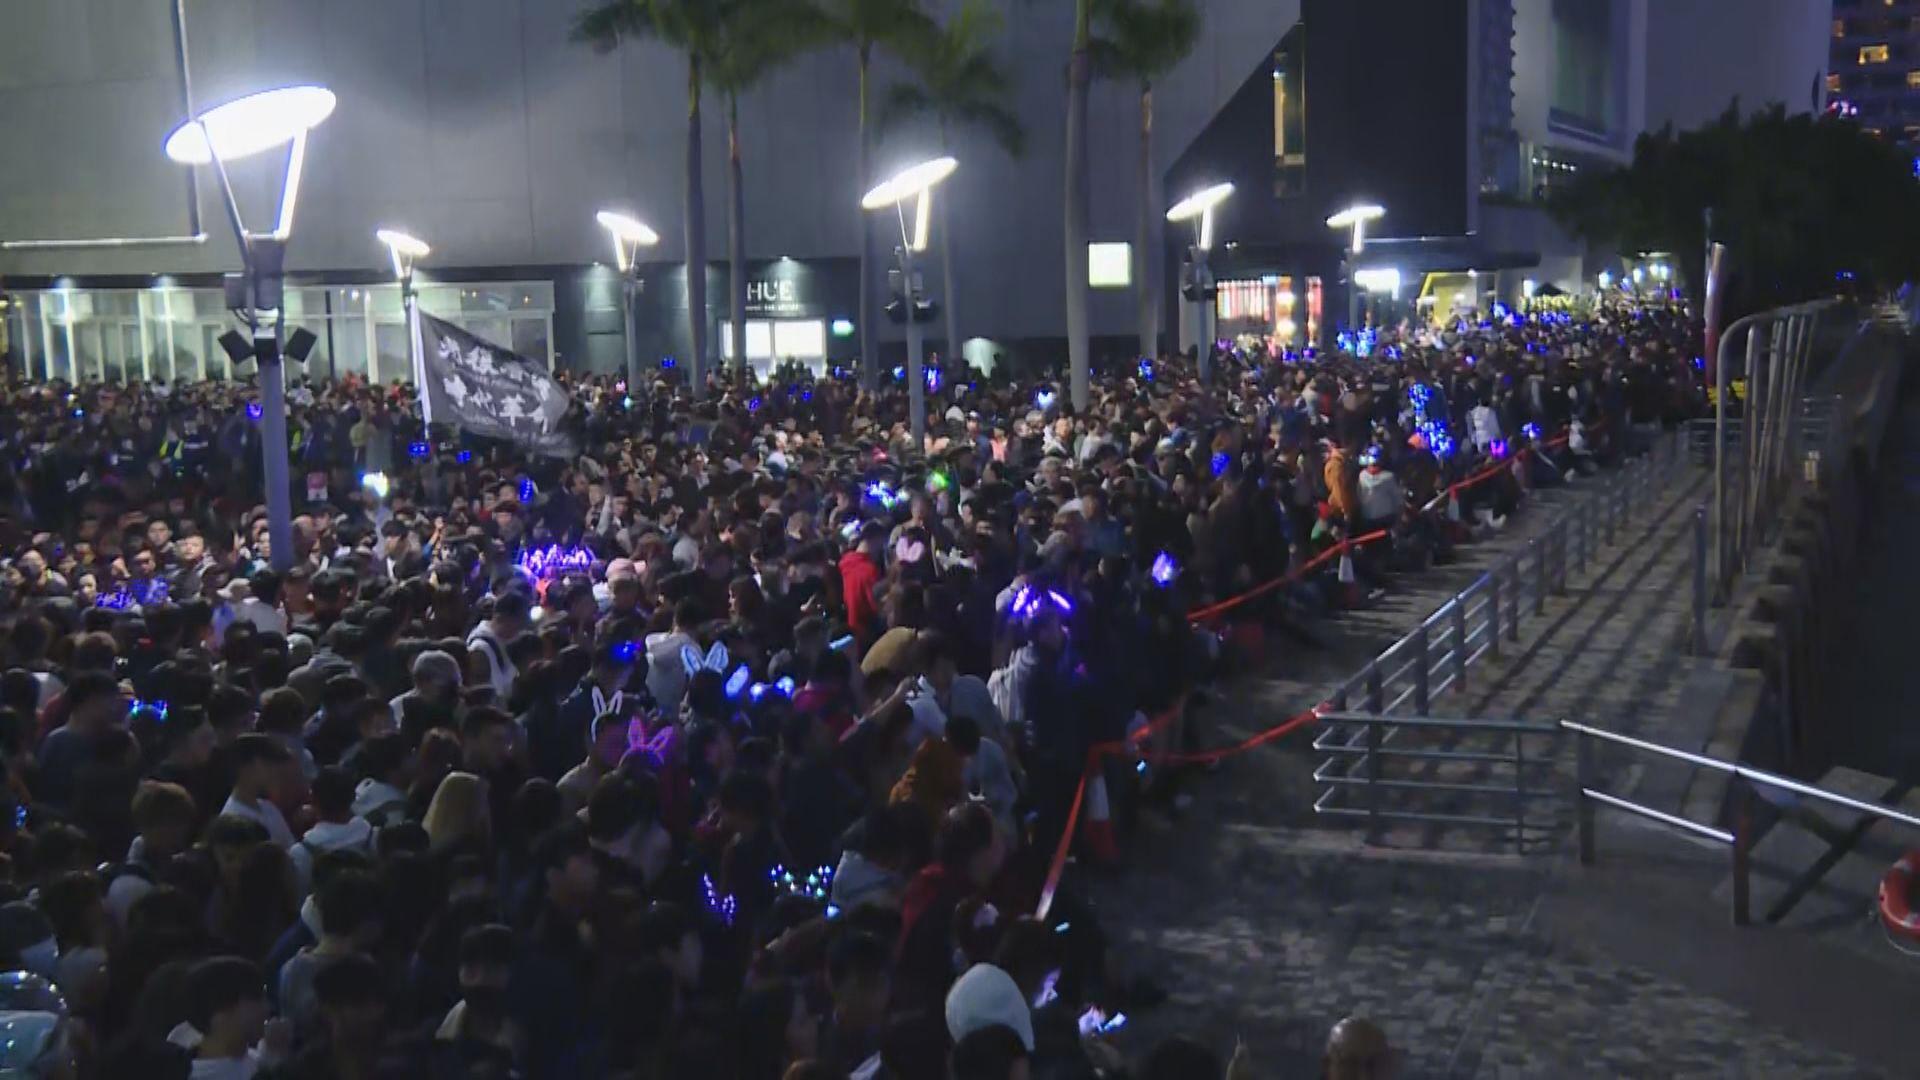 【現場報道】大批市民到尖沙咀海旁倒數 有人帶示威標語旗幟迎新年